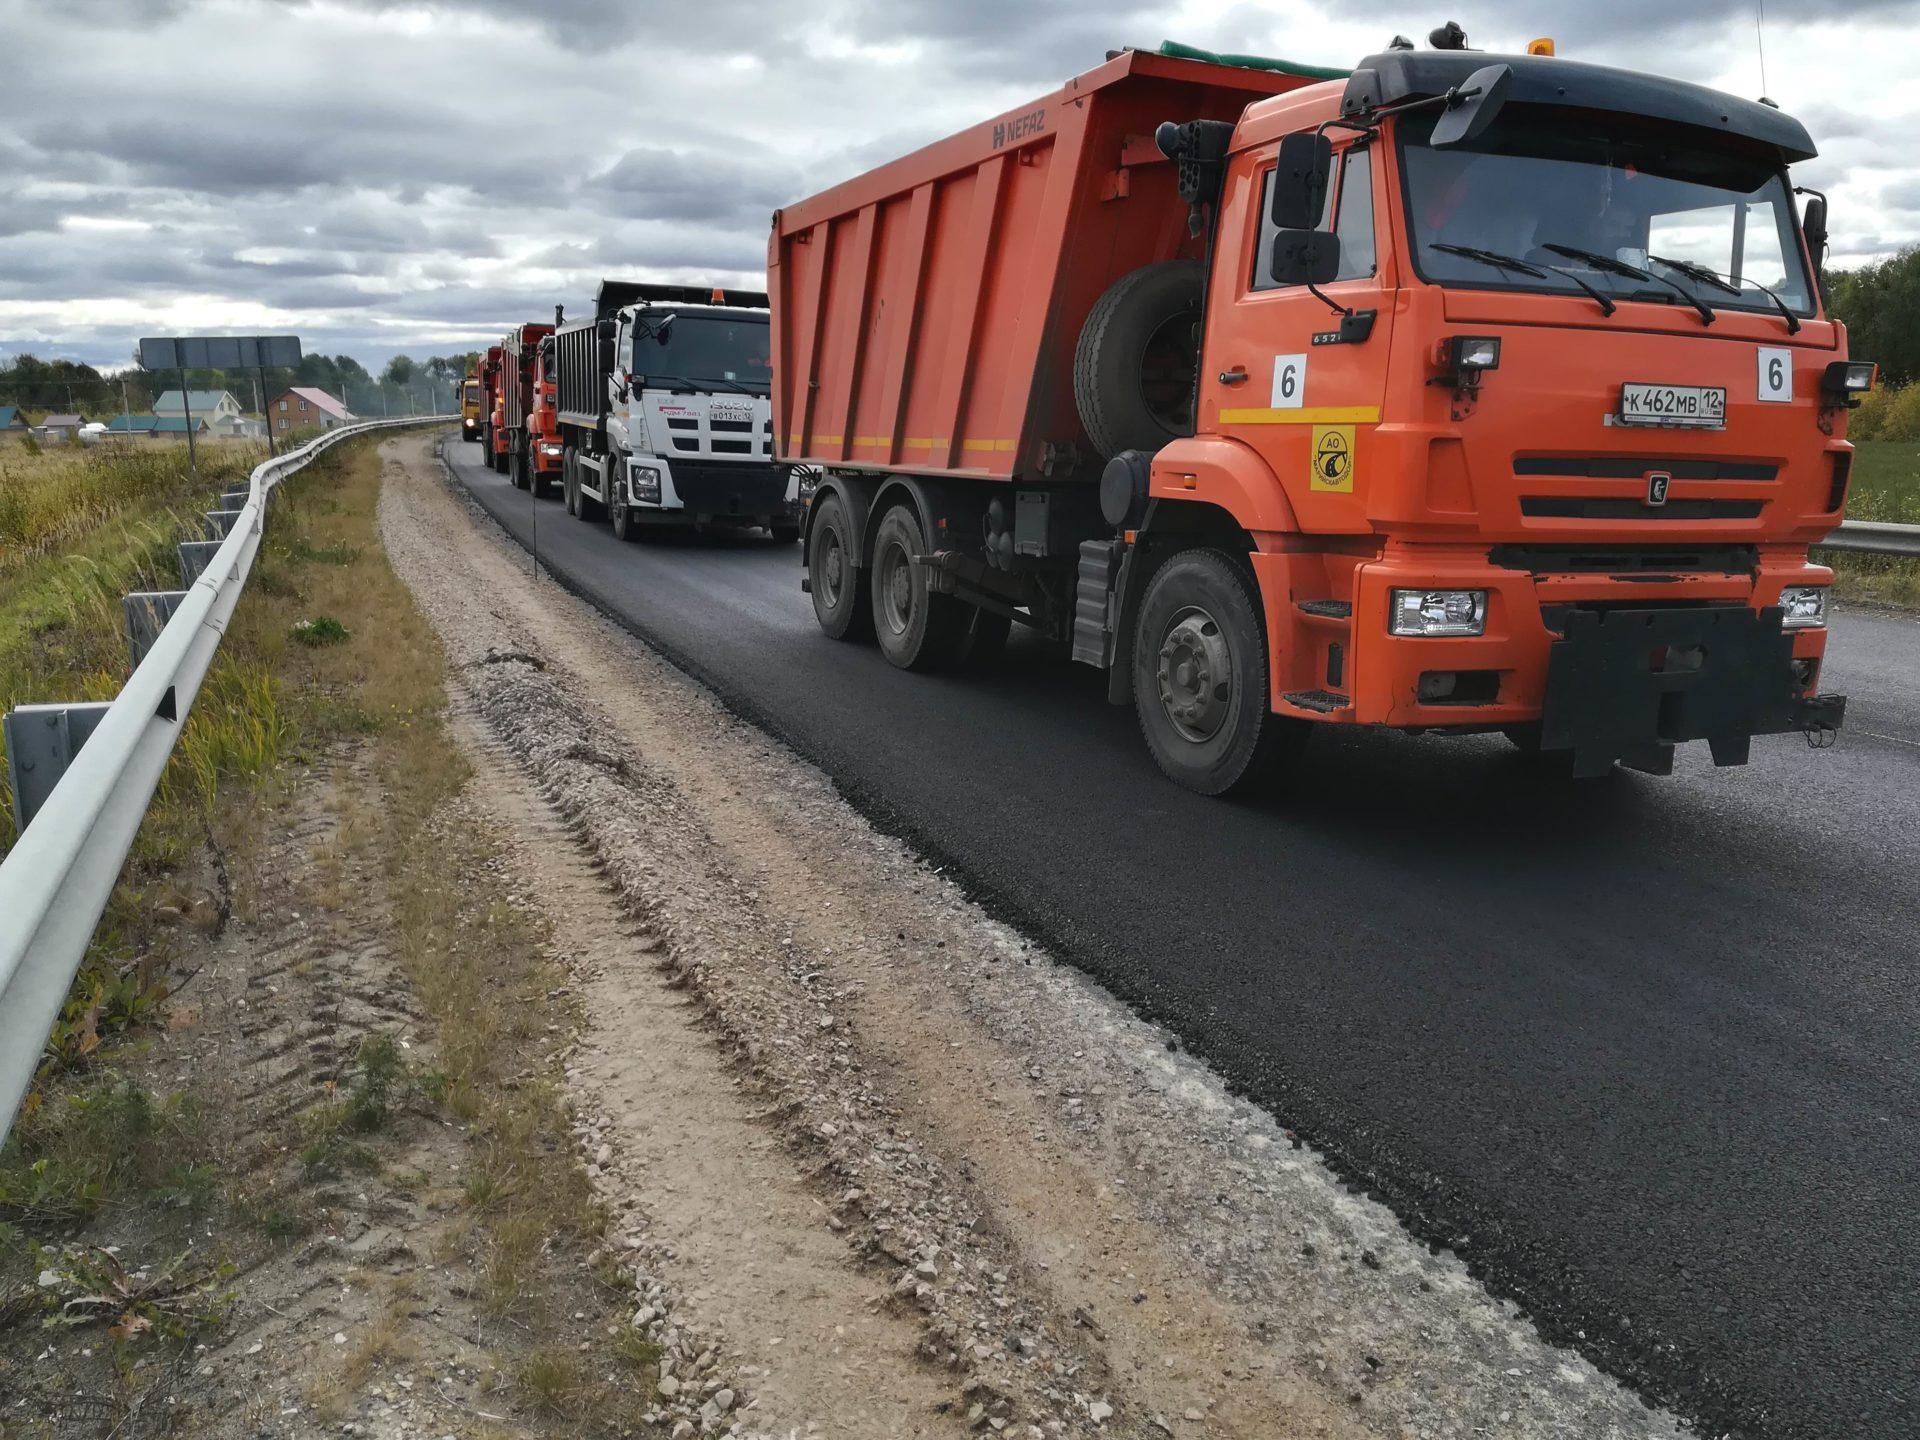 В Марий Эл за полгода перевезено 2643,8 тыс. тонн грузов